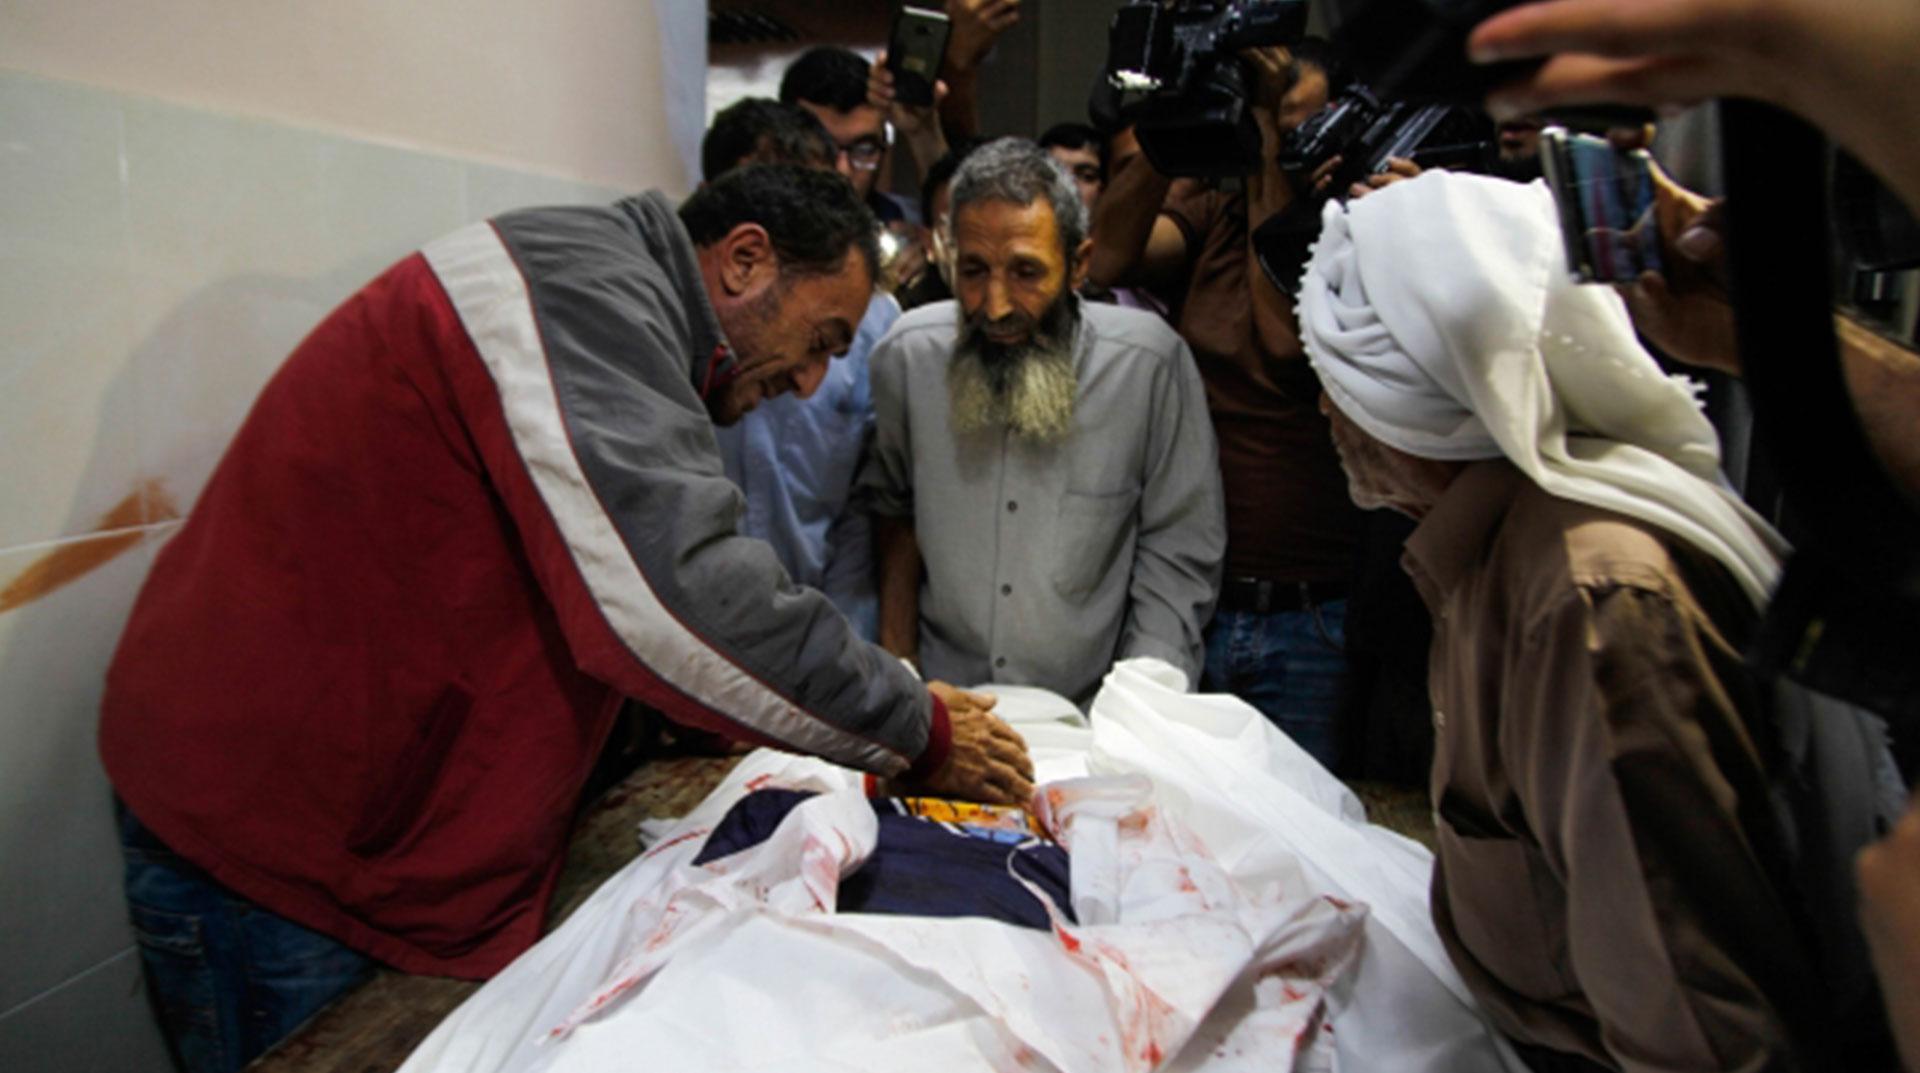 İşgalci İsrail'in Hava Saldırılarında Ölü Sayısı 21'e Yükseldi